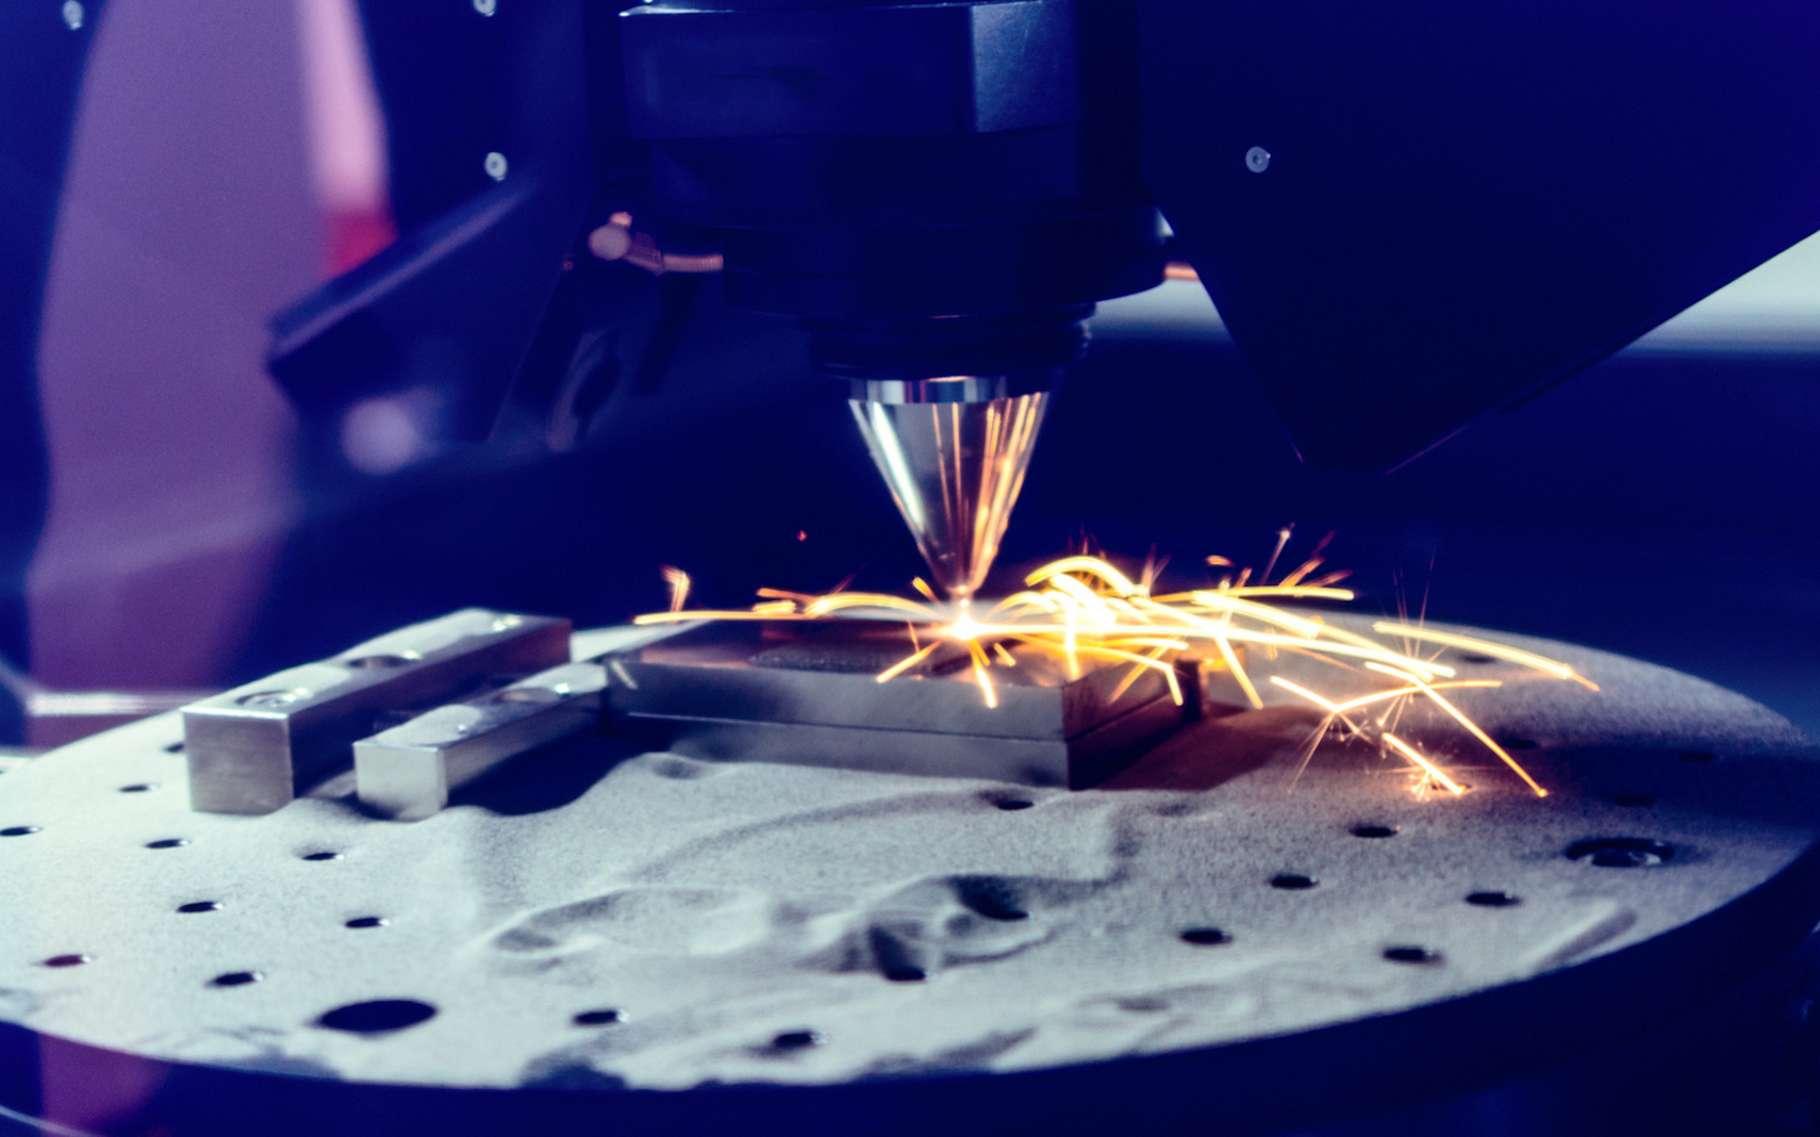 L'intégration de gaz de qualité dans le procédé de fabrication additive métallique est indispensable si l'on veut obtenir un résultat de qualité. © nordroden, Fotolia